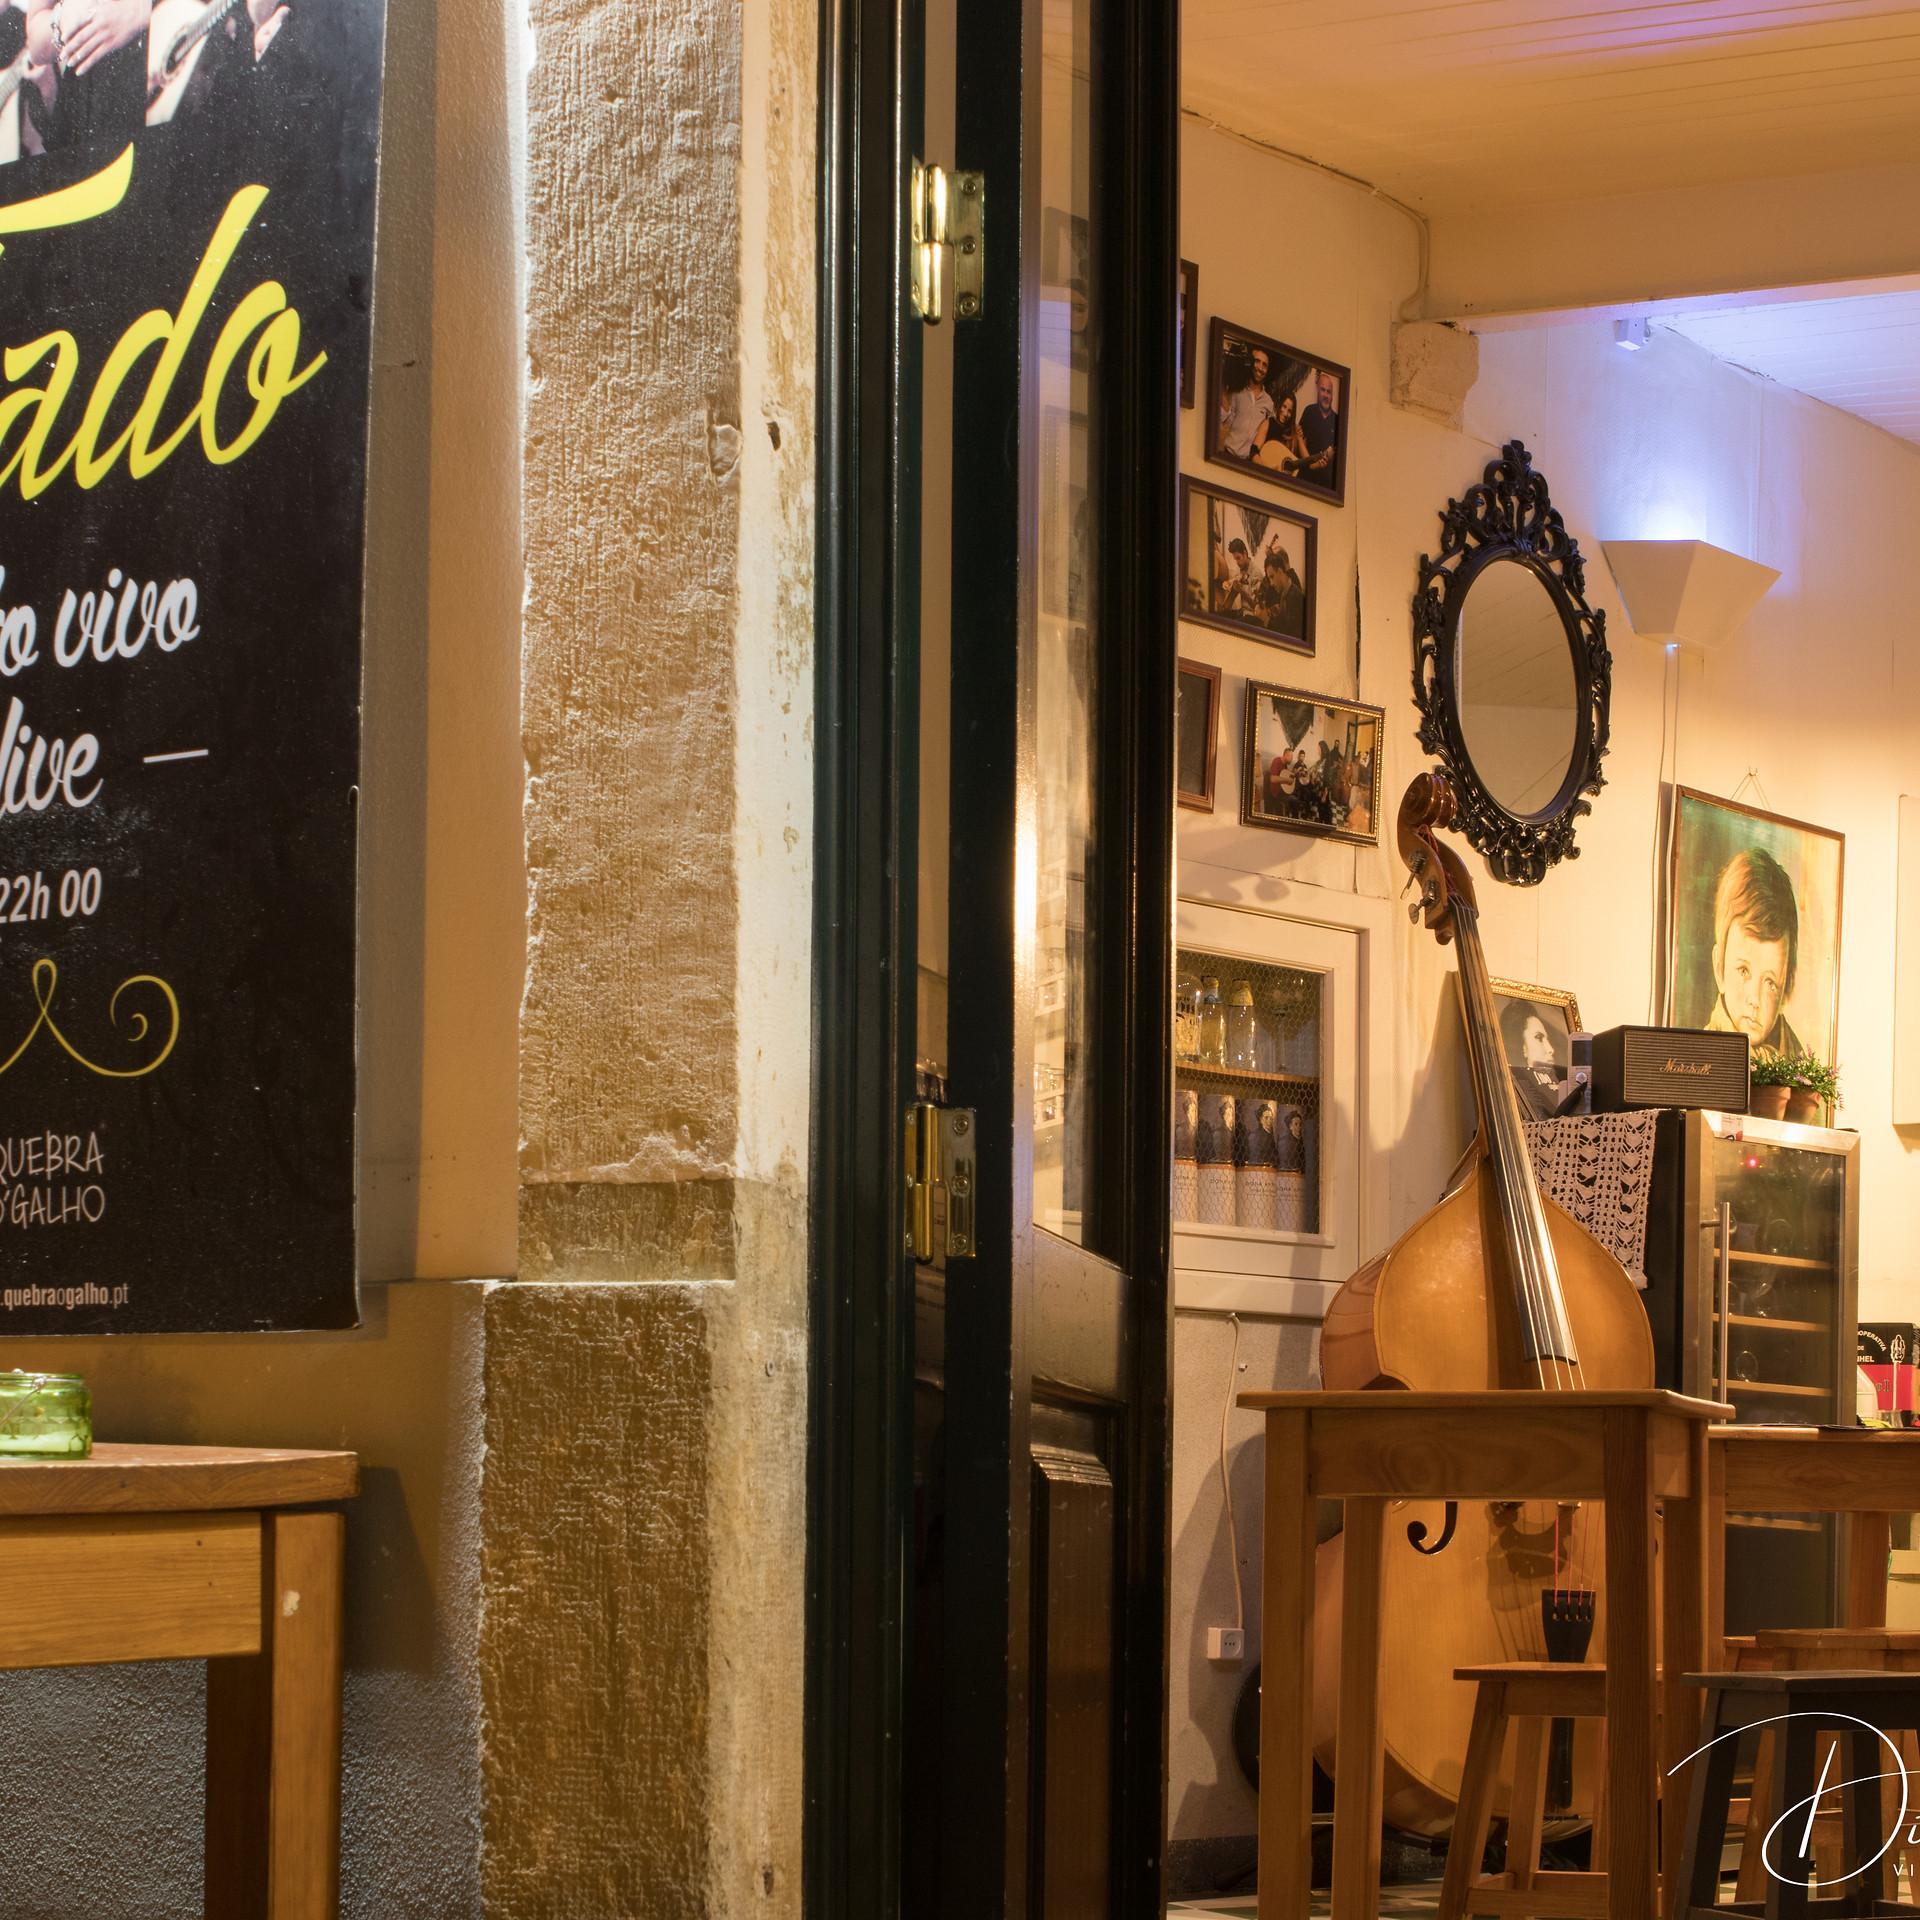 Fado cafe, Coimbra, Portugal